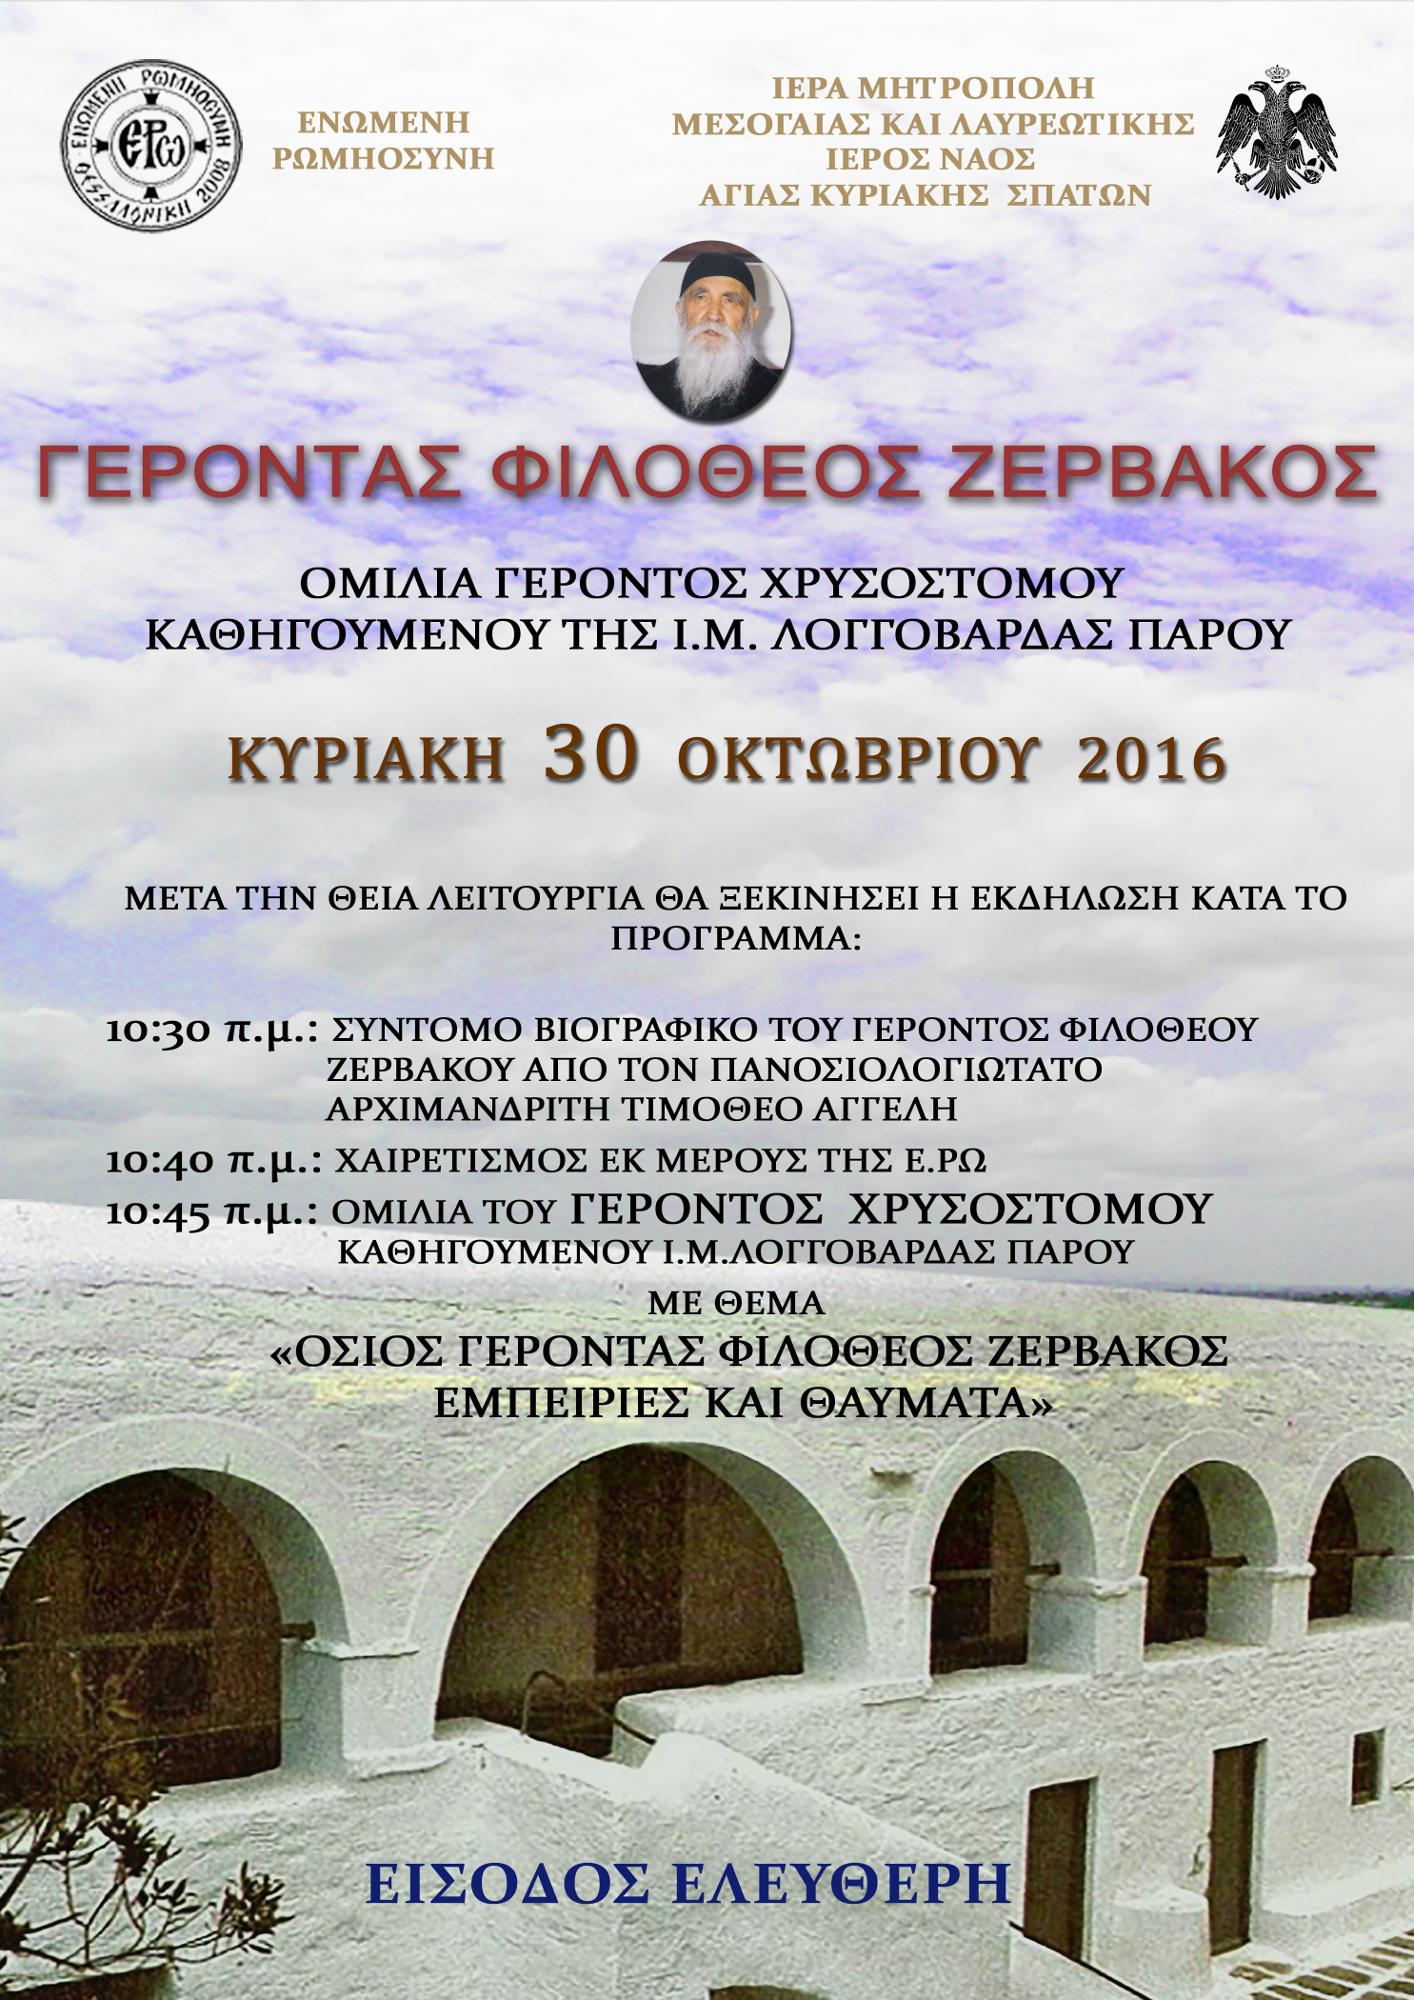 Ομιλία του Καθηγούμενου της Ι.Μ. Λογγοβάρδας Πάρου για τον Γέροντα Φιλόθεο Ζερβάκο στα Σπάτα στις 30-10-16